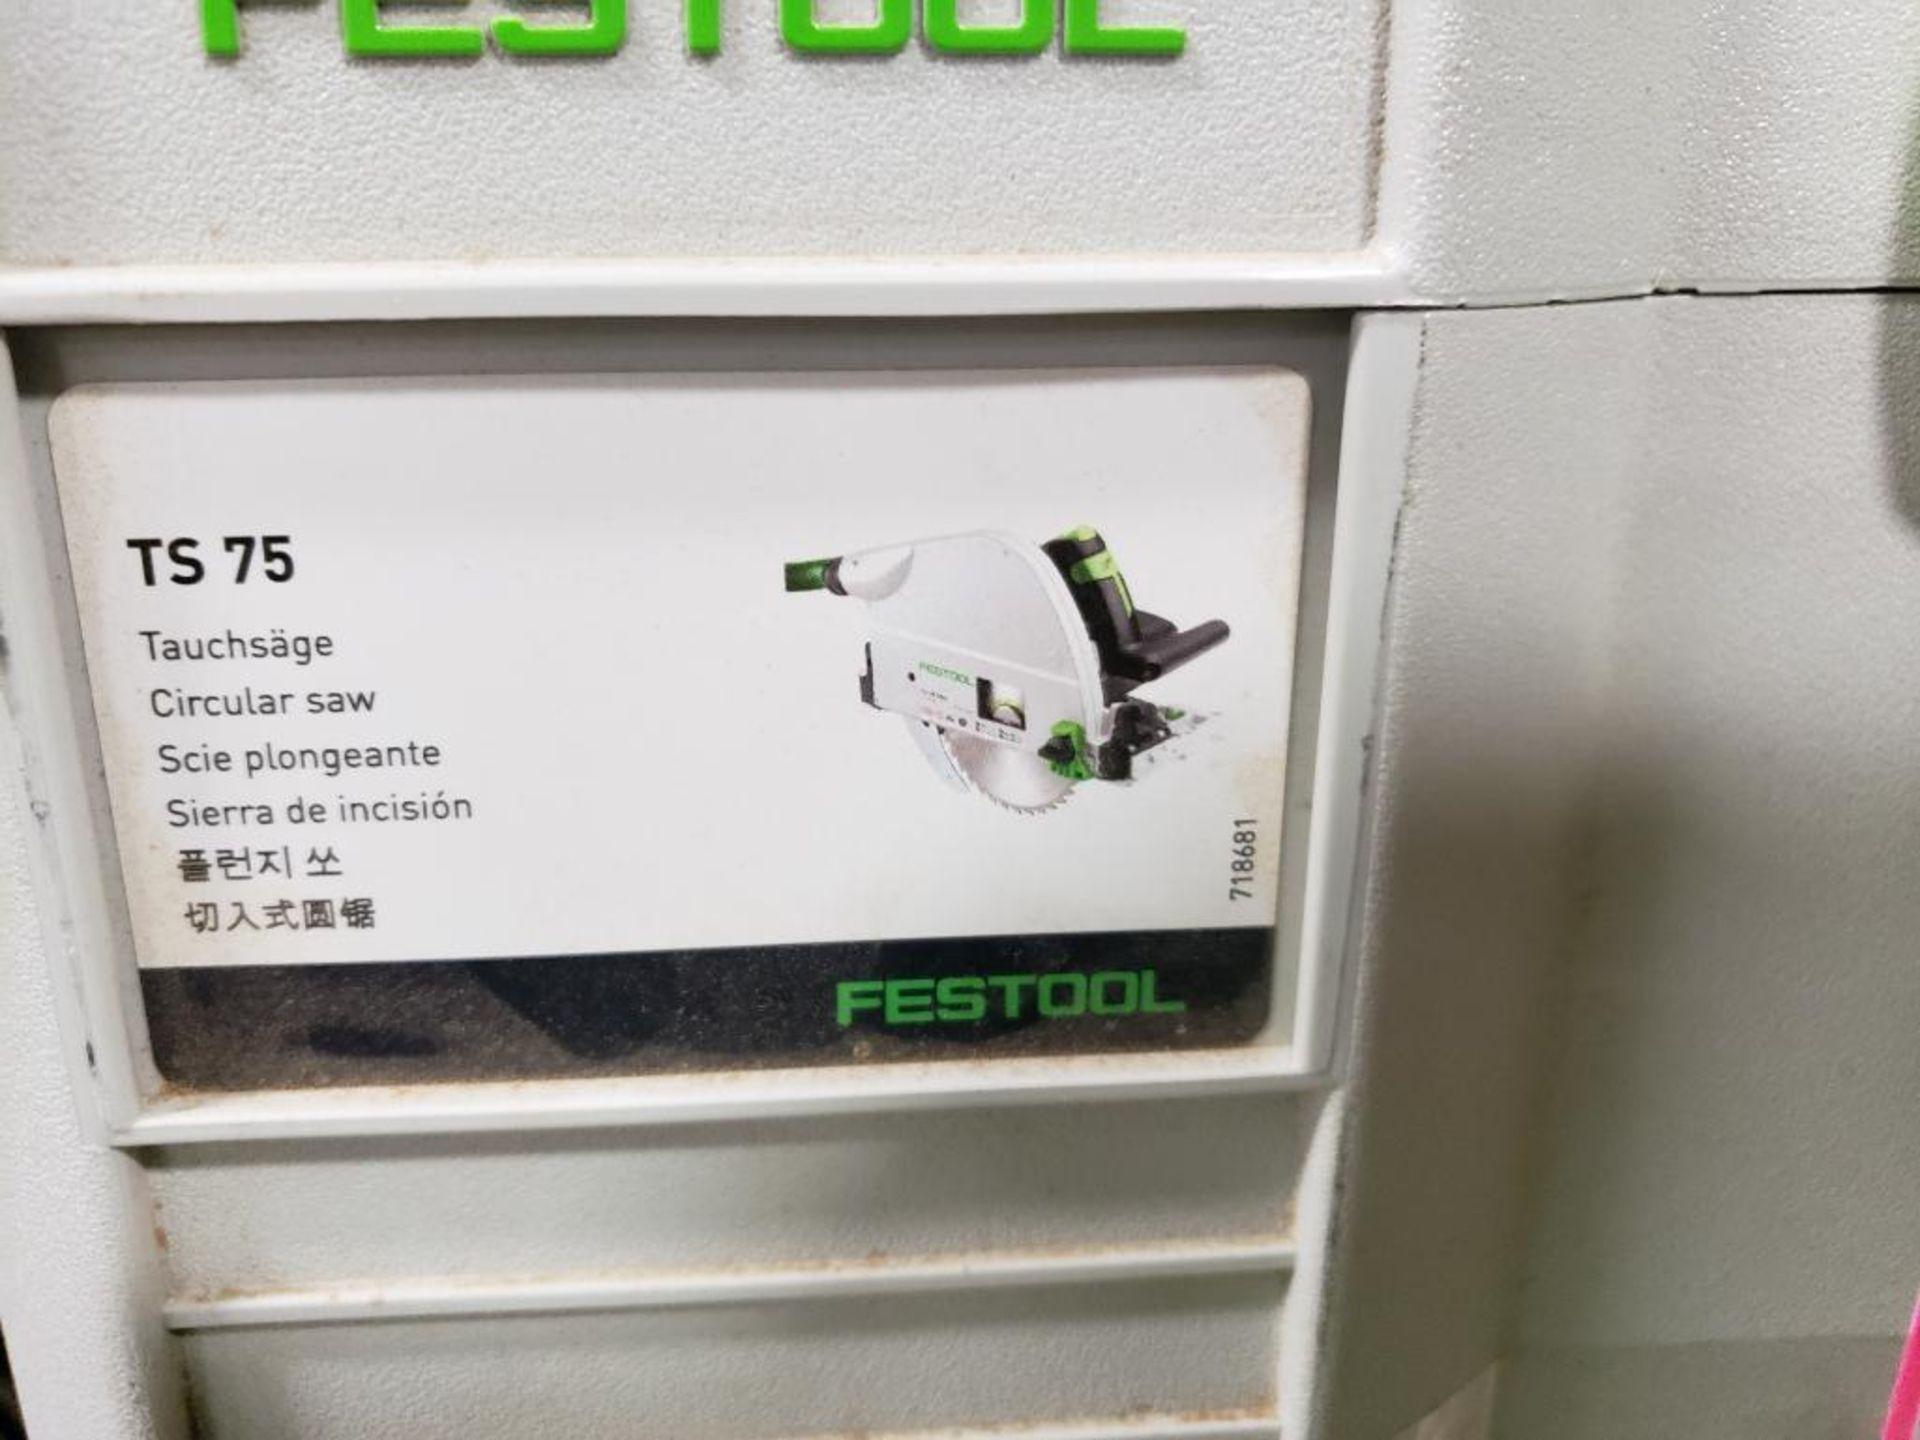 Festool TS75EQ-F-Plus USA Circular saw. 13AMP, 120V. - Image 2 of 7